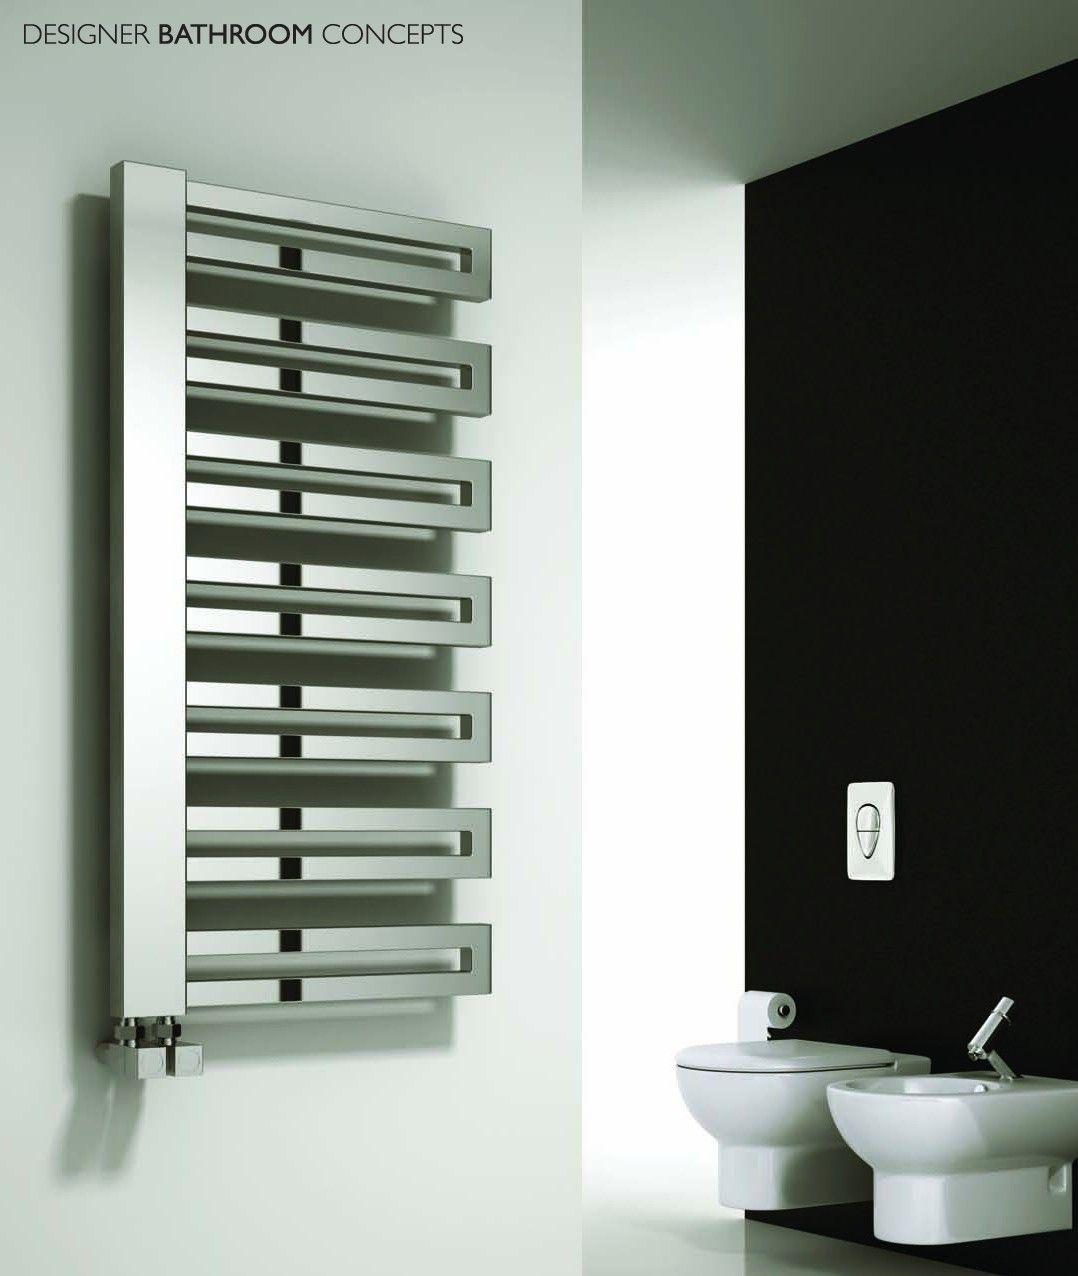 Visit Designer Bathroom Concepts for the ultimate